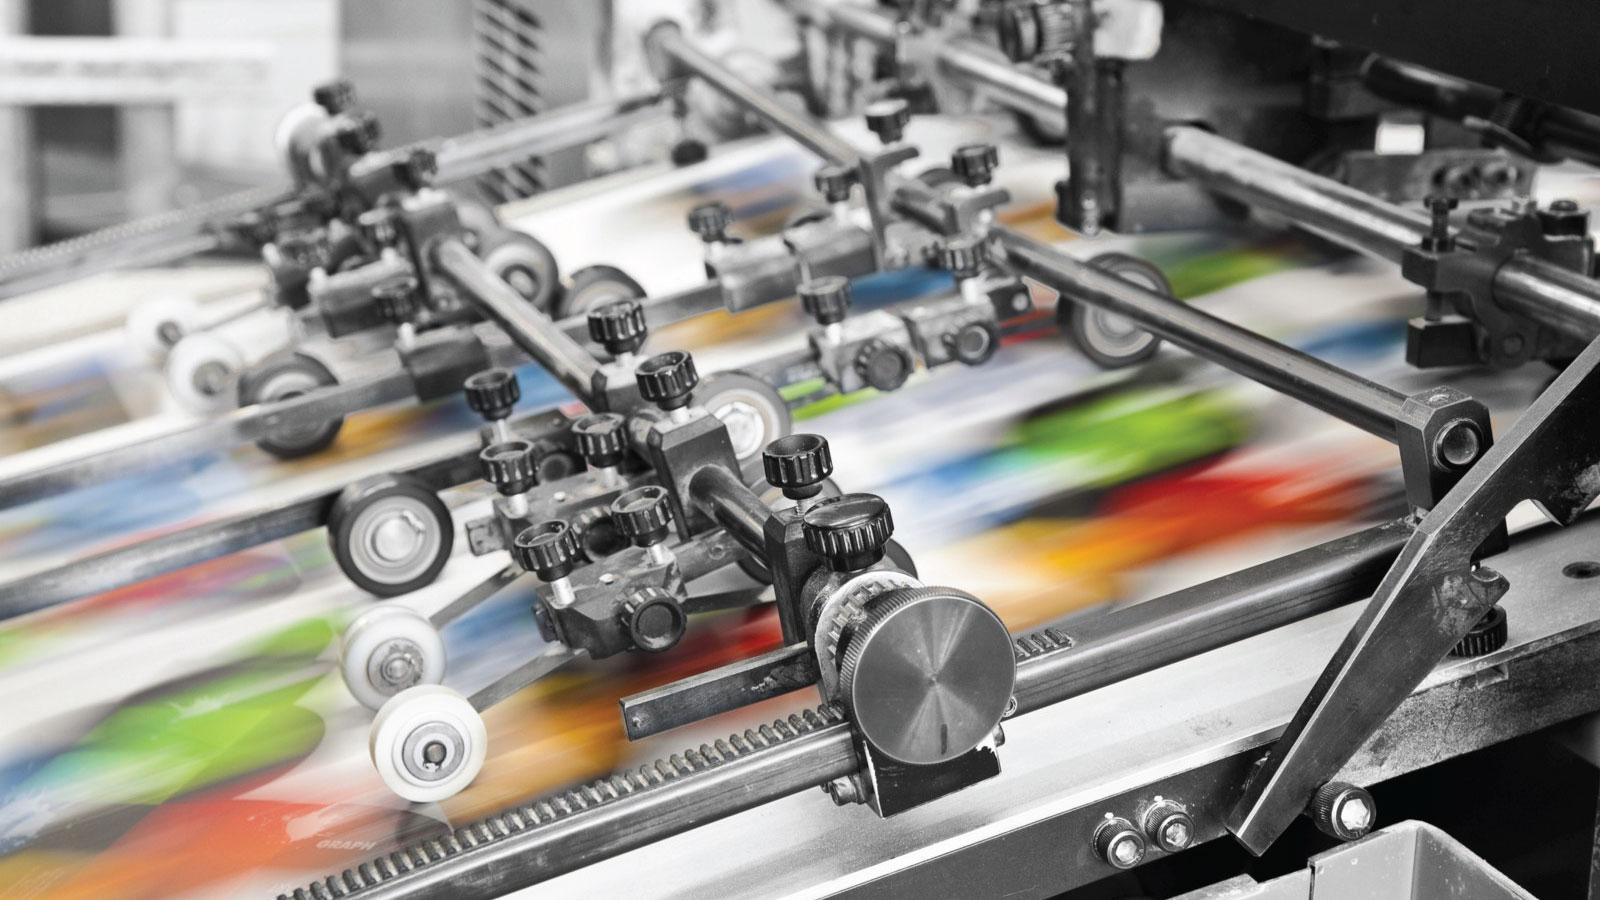 Peluang Usaha Digital Printing yang Menjanjikan di Era Digital